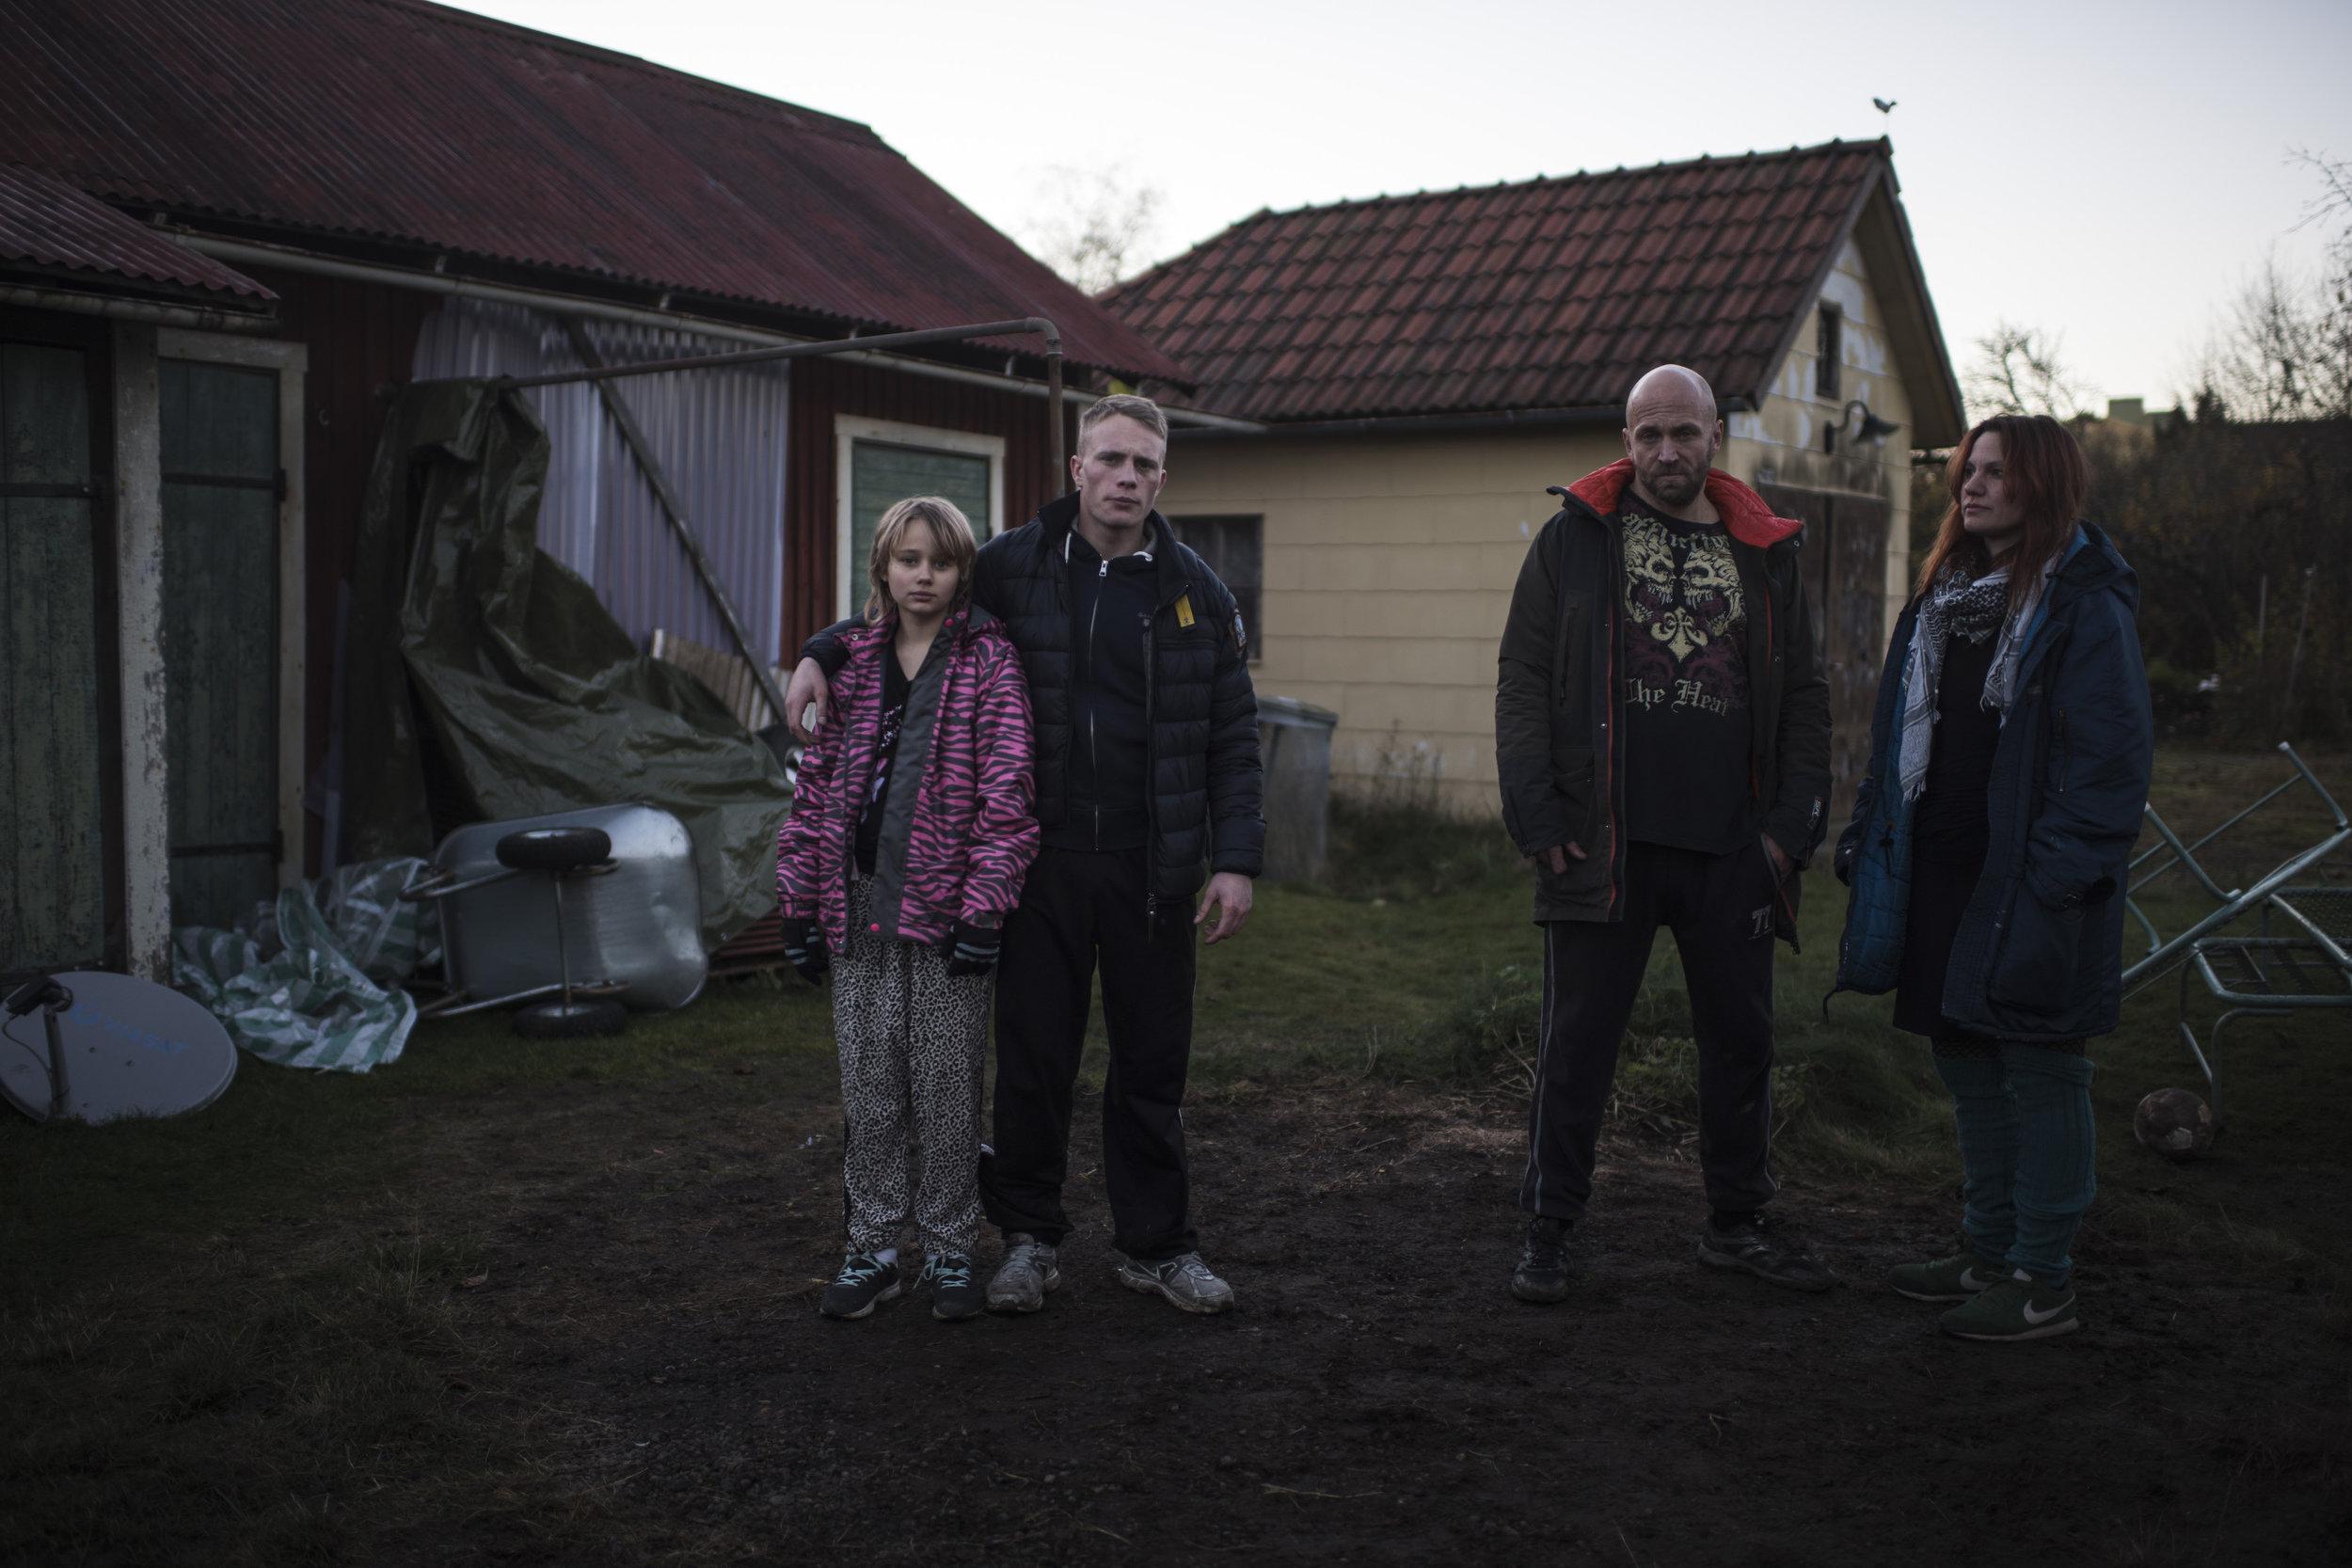 Lillesøster Sara, storebror Kim (Sebastian Ljungblad), pappa Roland (Joakim Sällquist) og mamma Ingela (Tuva Linghult).